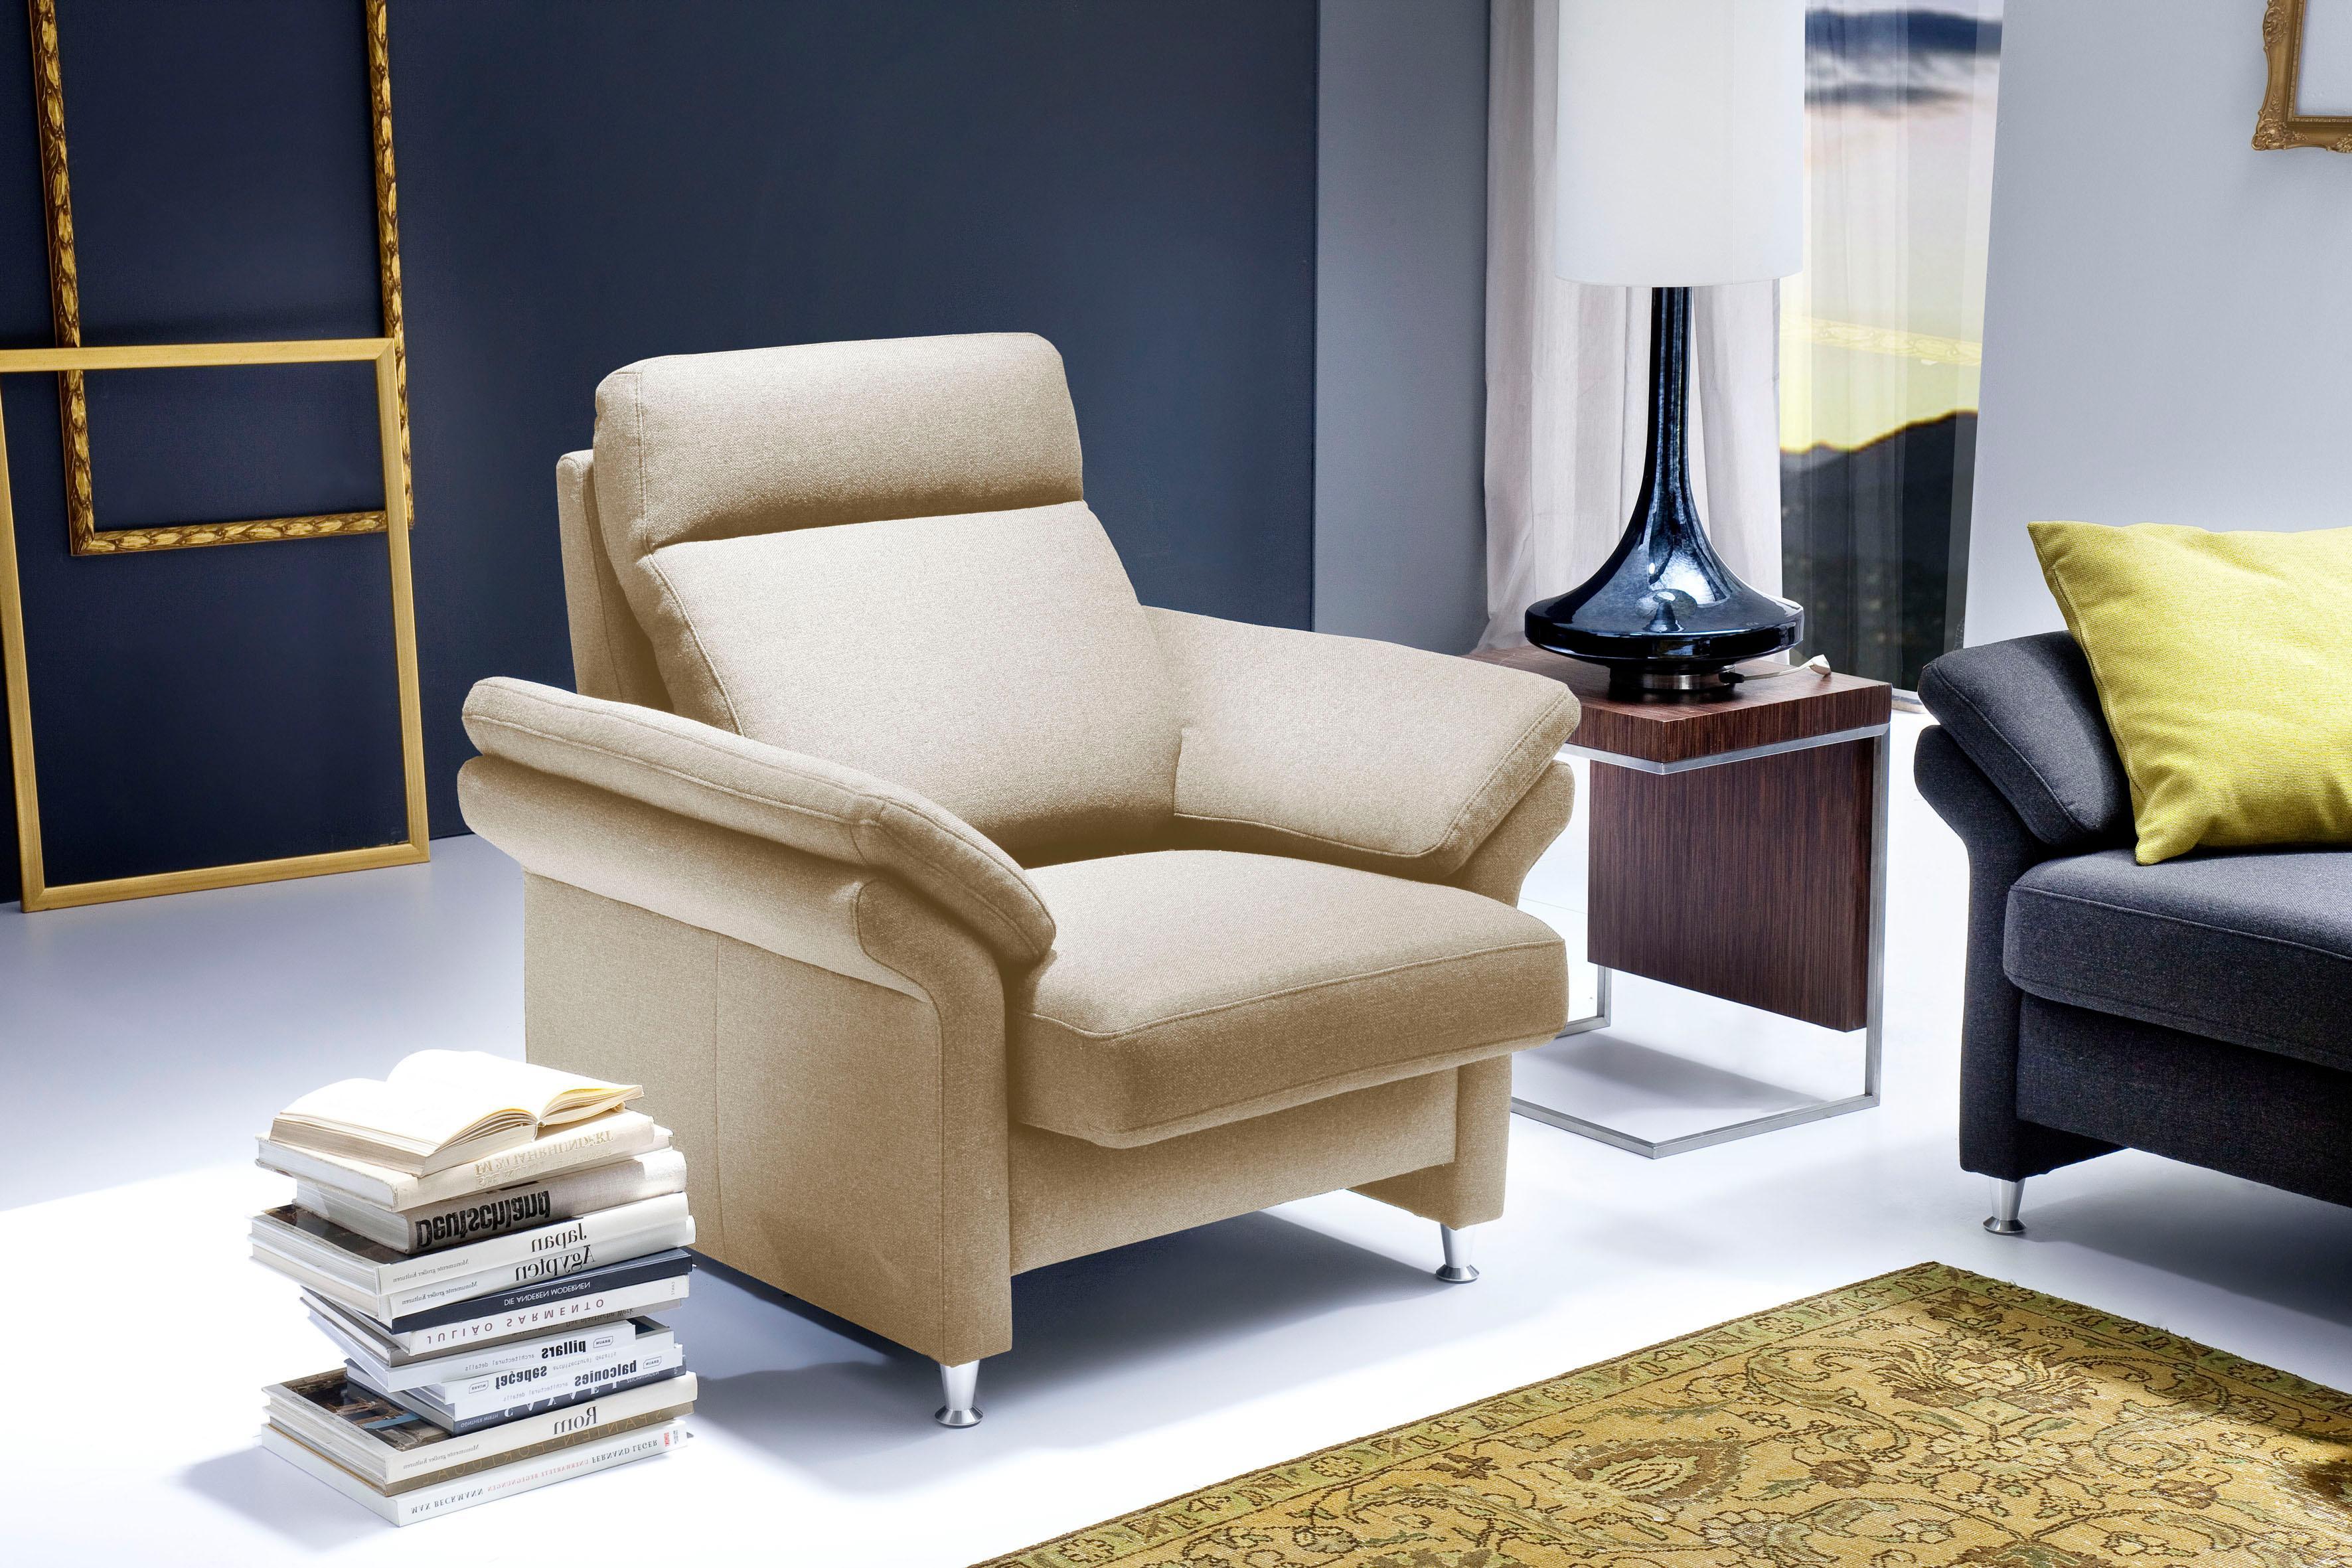 Delavita Sessel Mailand mit komfortablem Federkern-Sitz wahlweise mit Move-Funktion